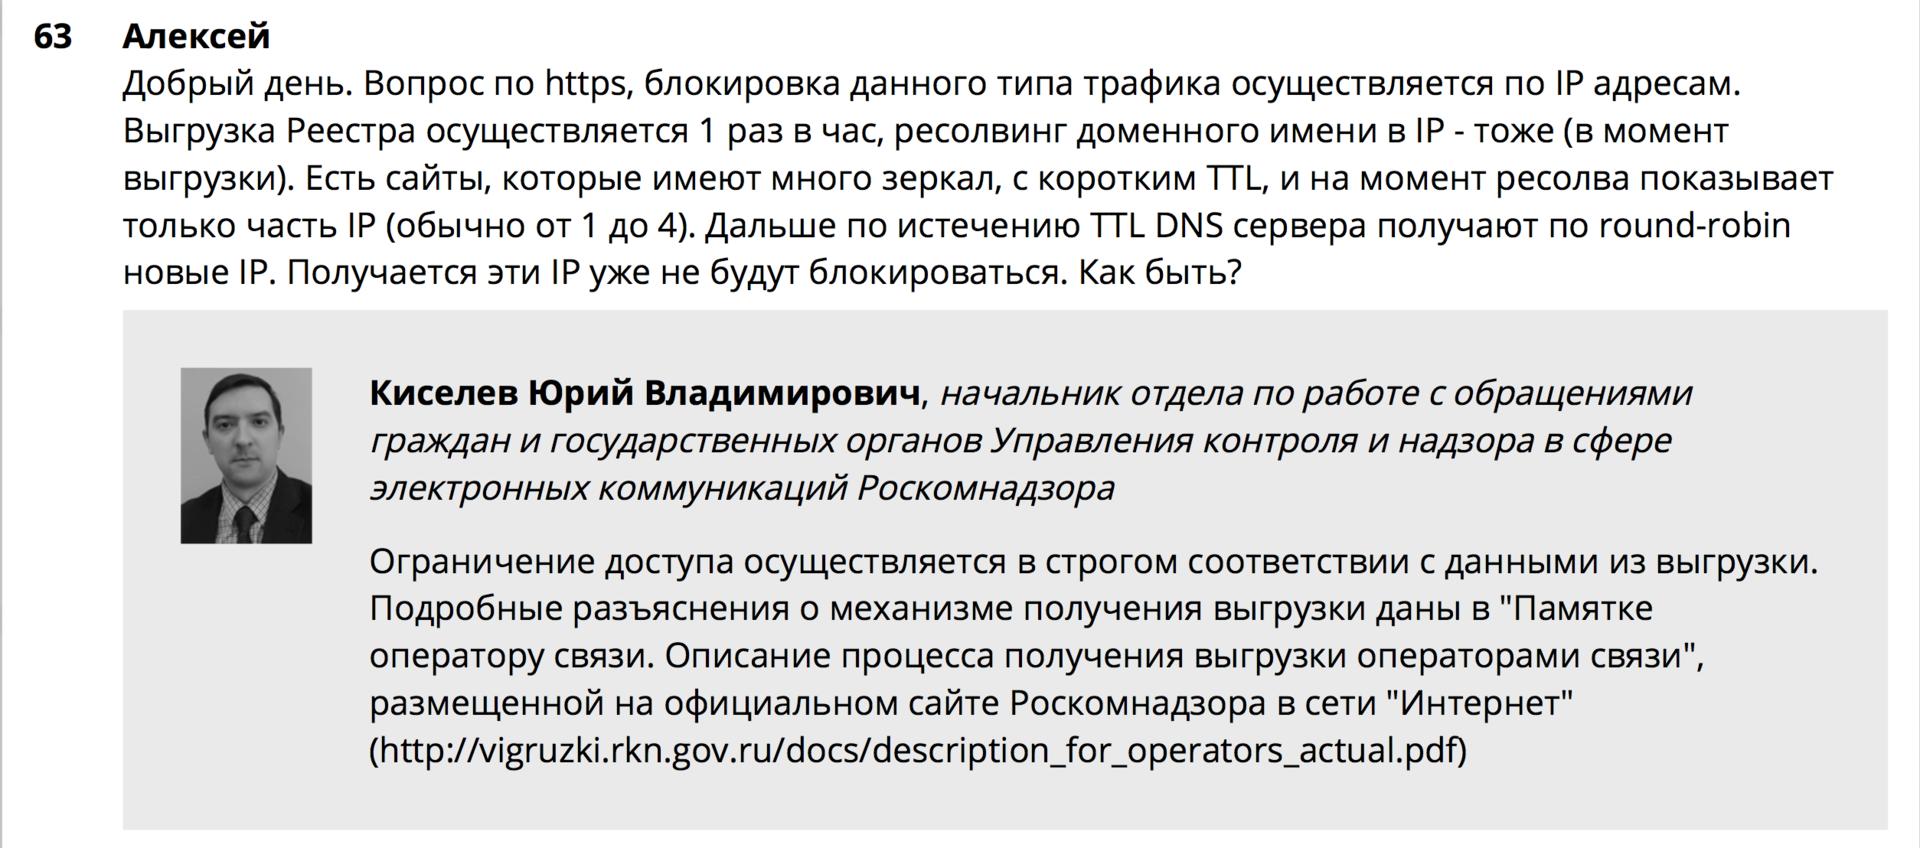 Анализ он-лайн конференций РКН на тему: «проблемные вопросы ограничения доступа к информации...» - 3